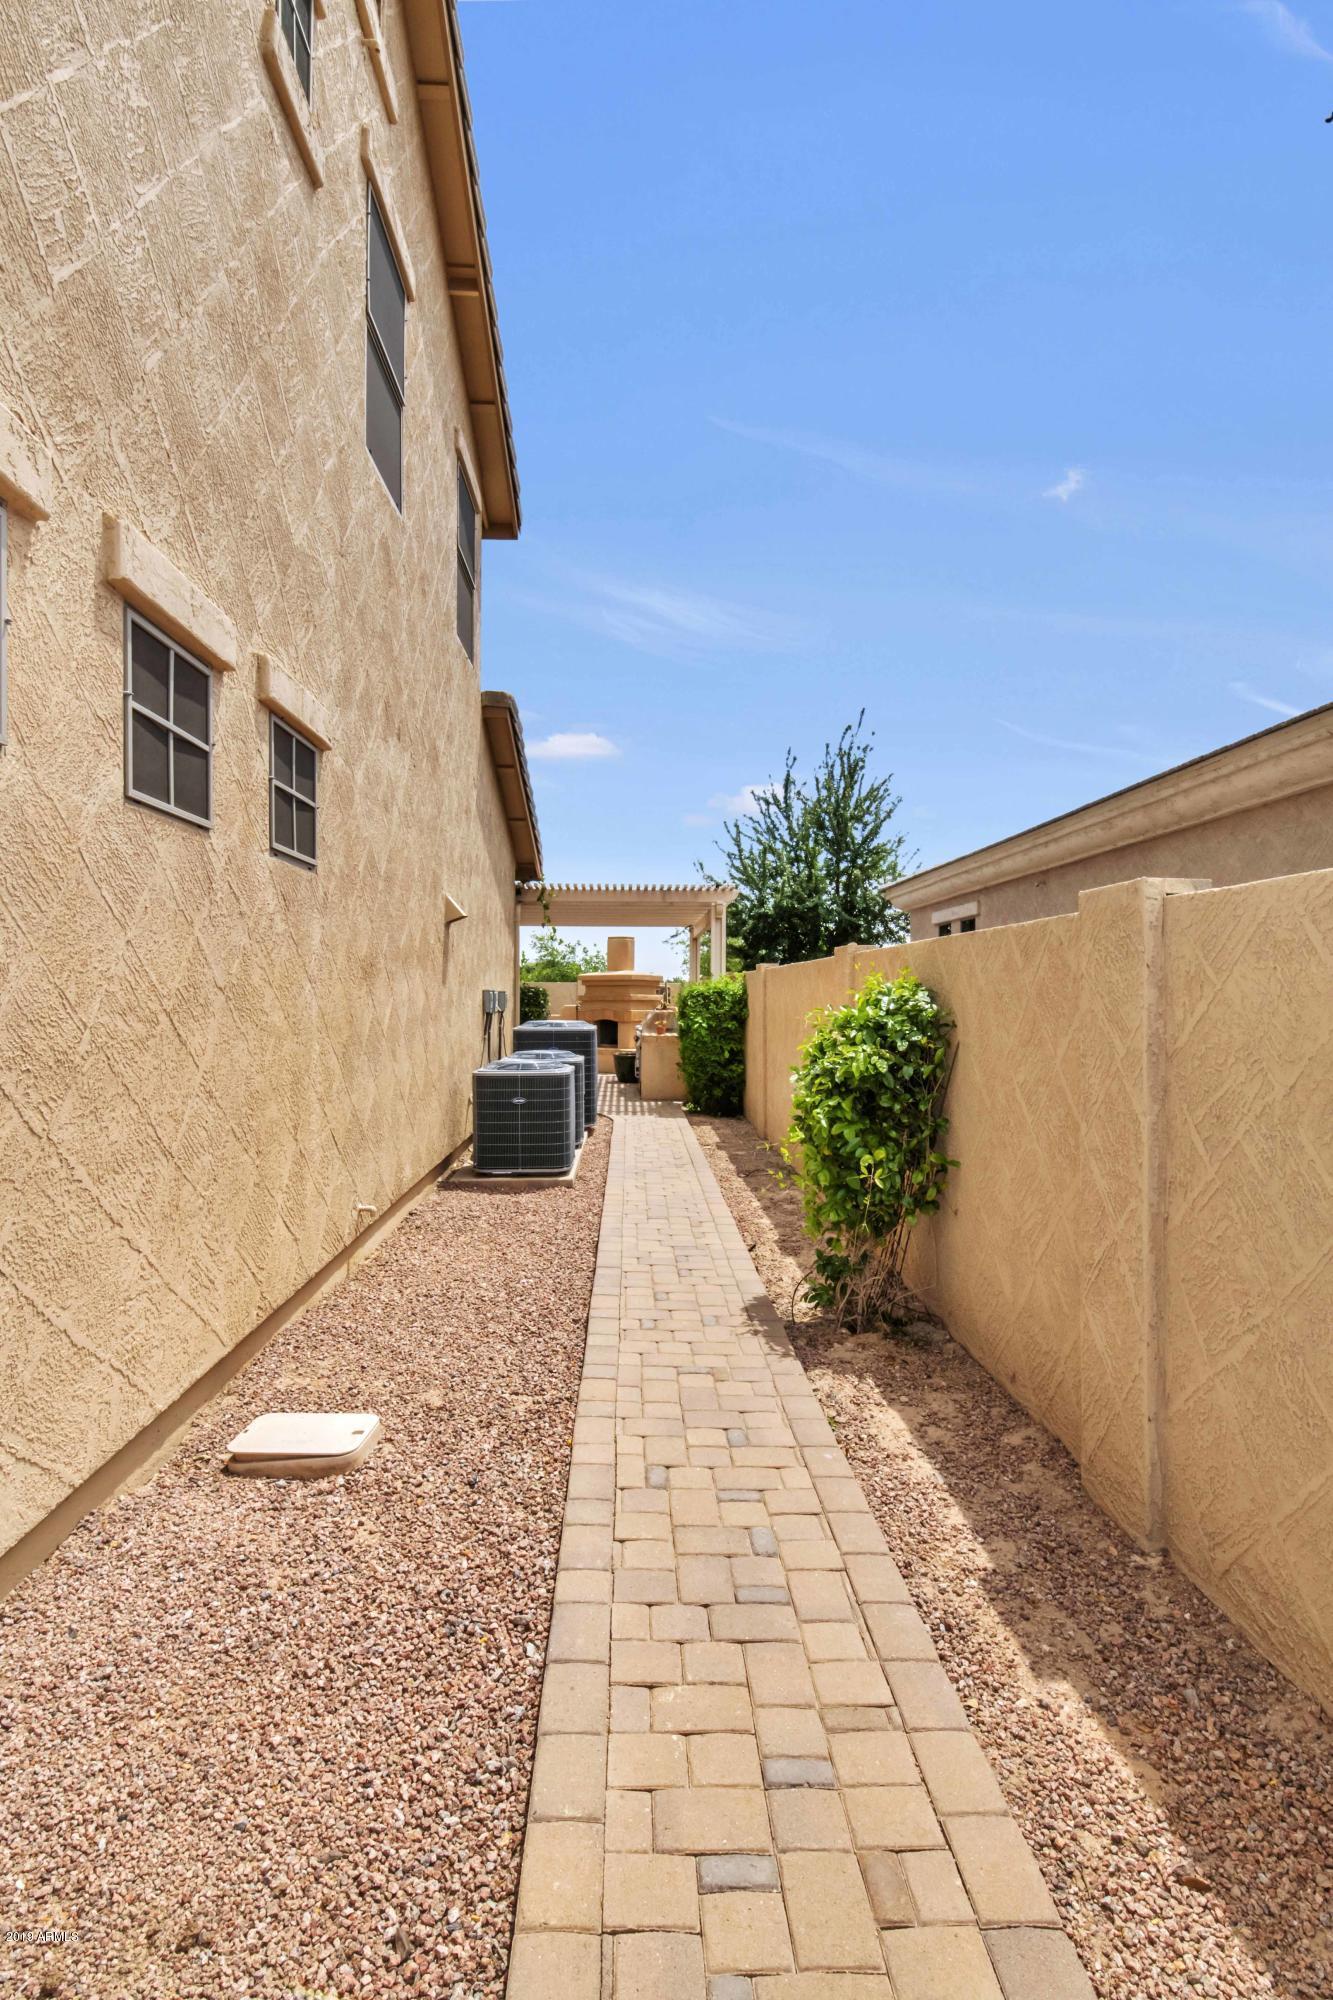 MLS 5930451 3229 E GOLDFINCH Way, Chandler, AZ 85286 Chandler AZ Paseo Trail